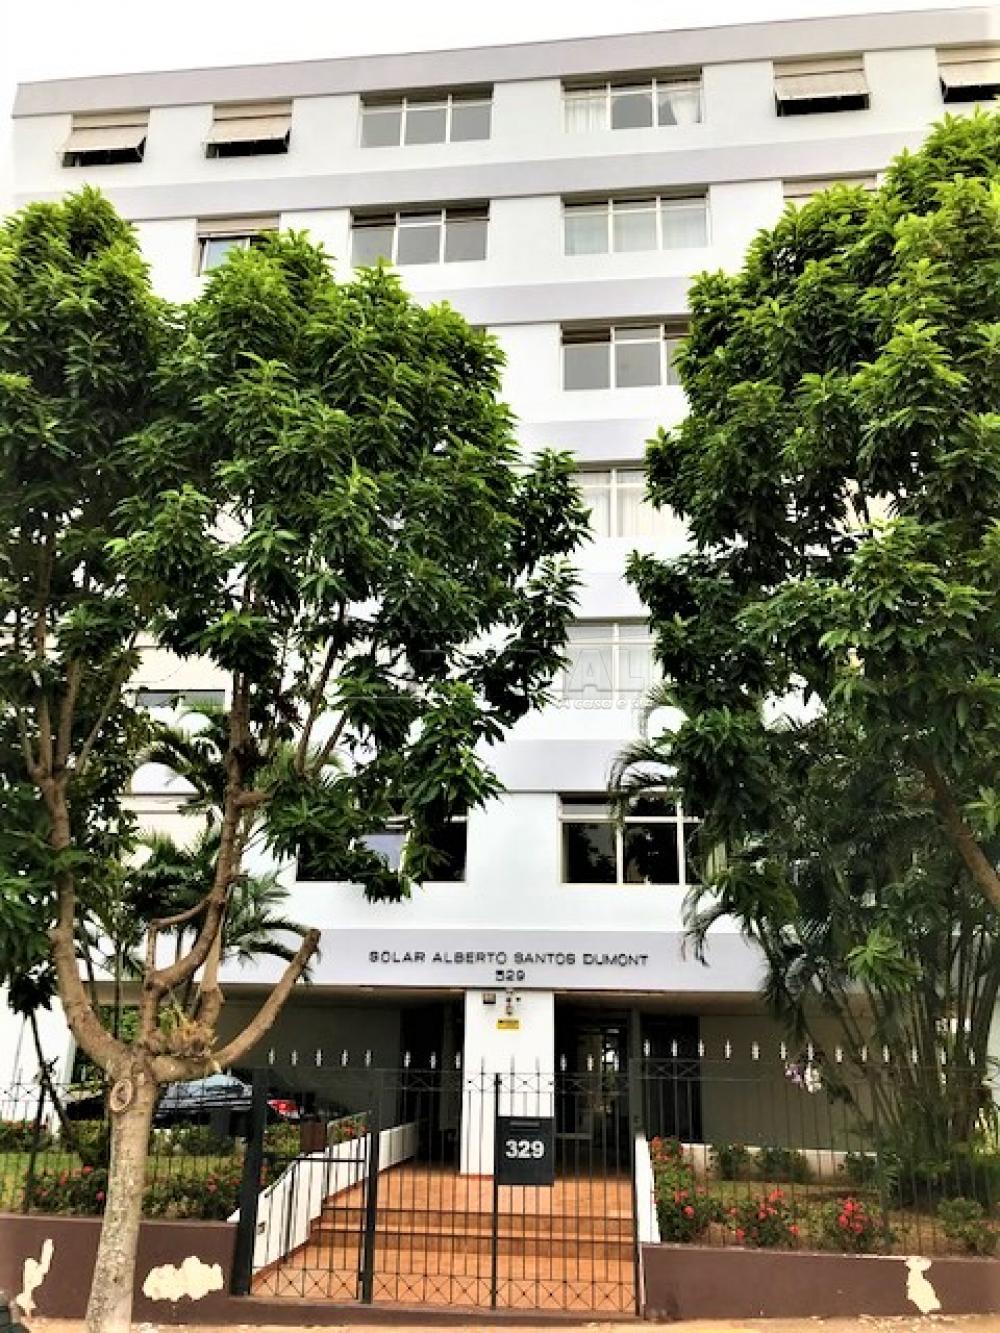 Comprar Apartamento / Padrão em São Carlos R$ 370.000,00 - Foto 2